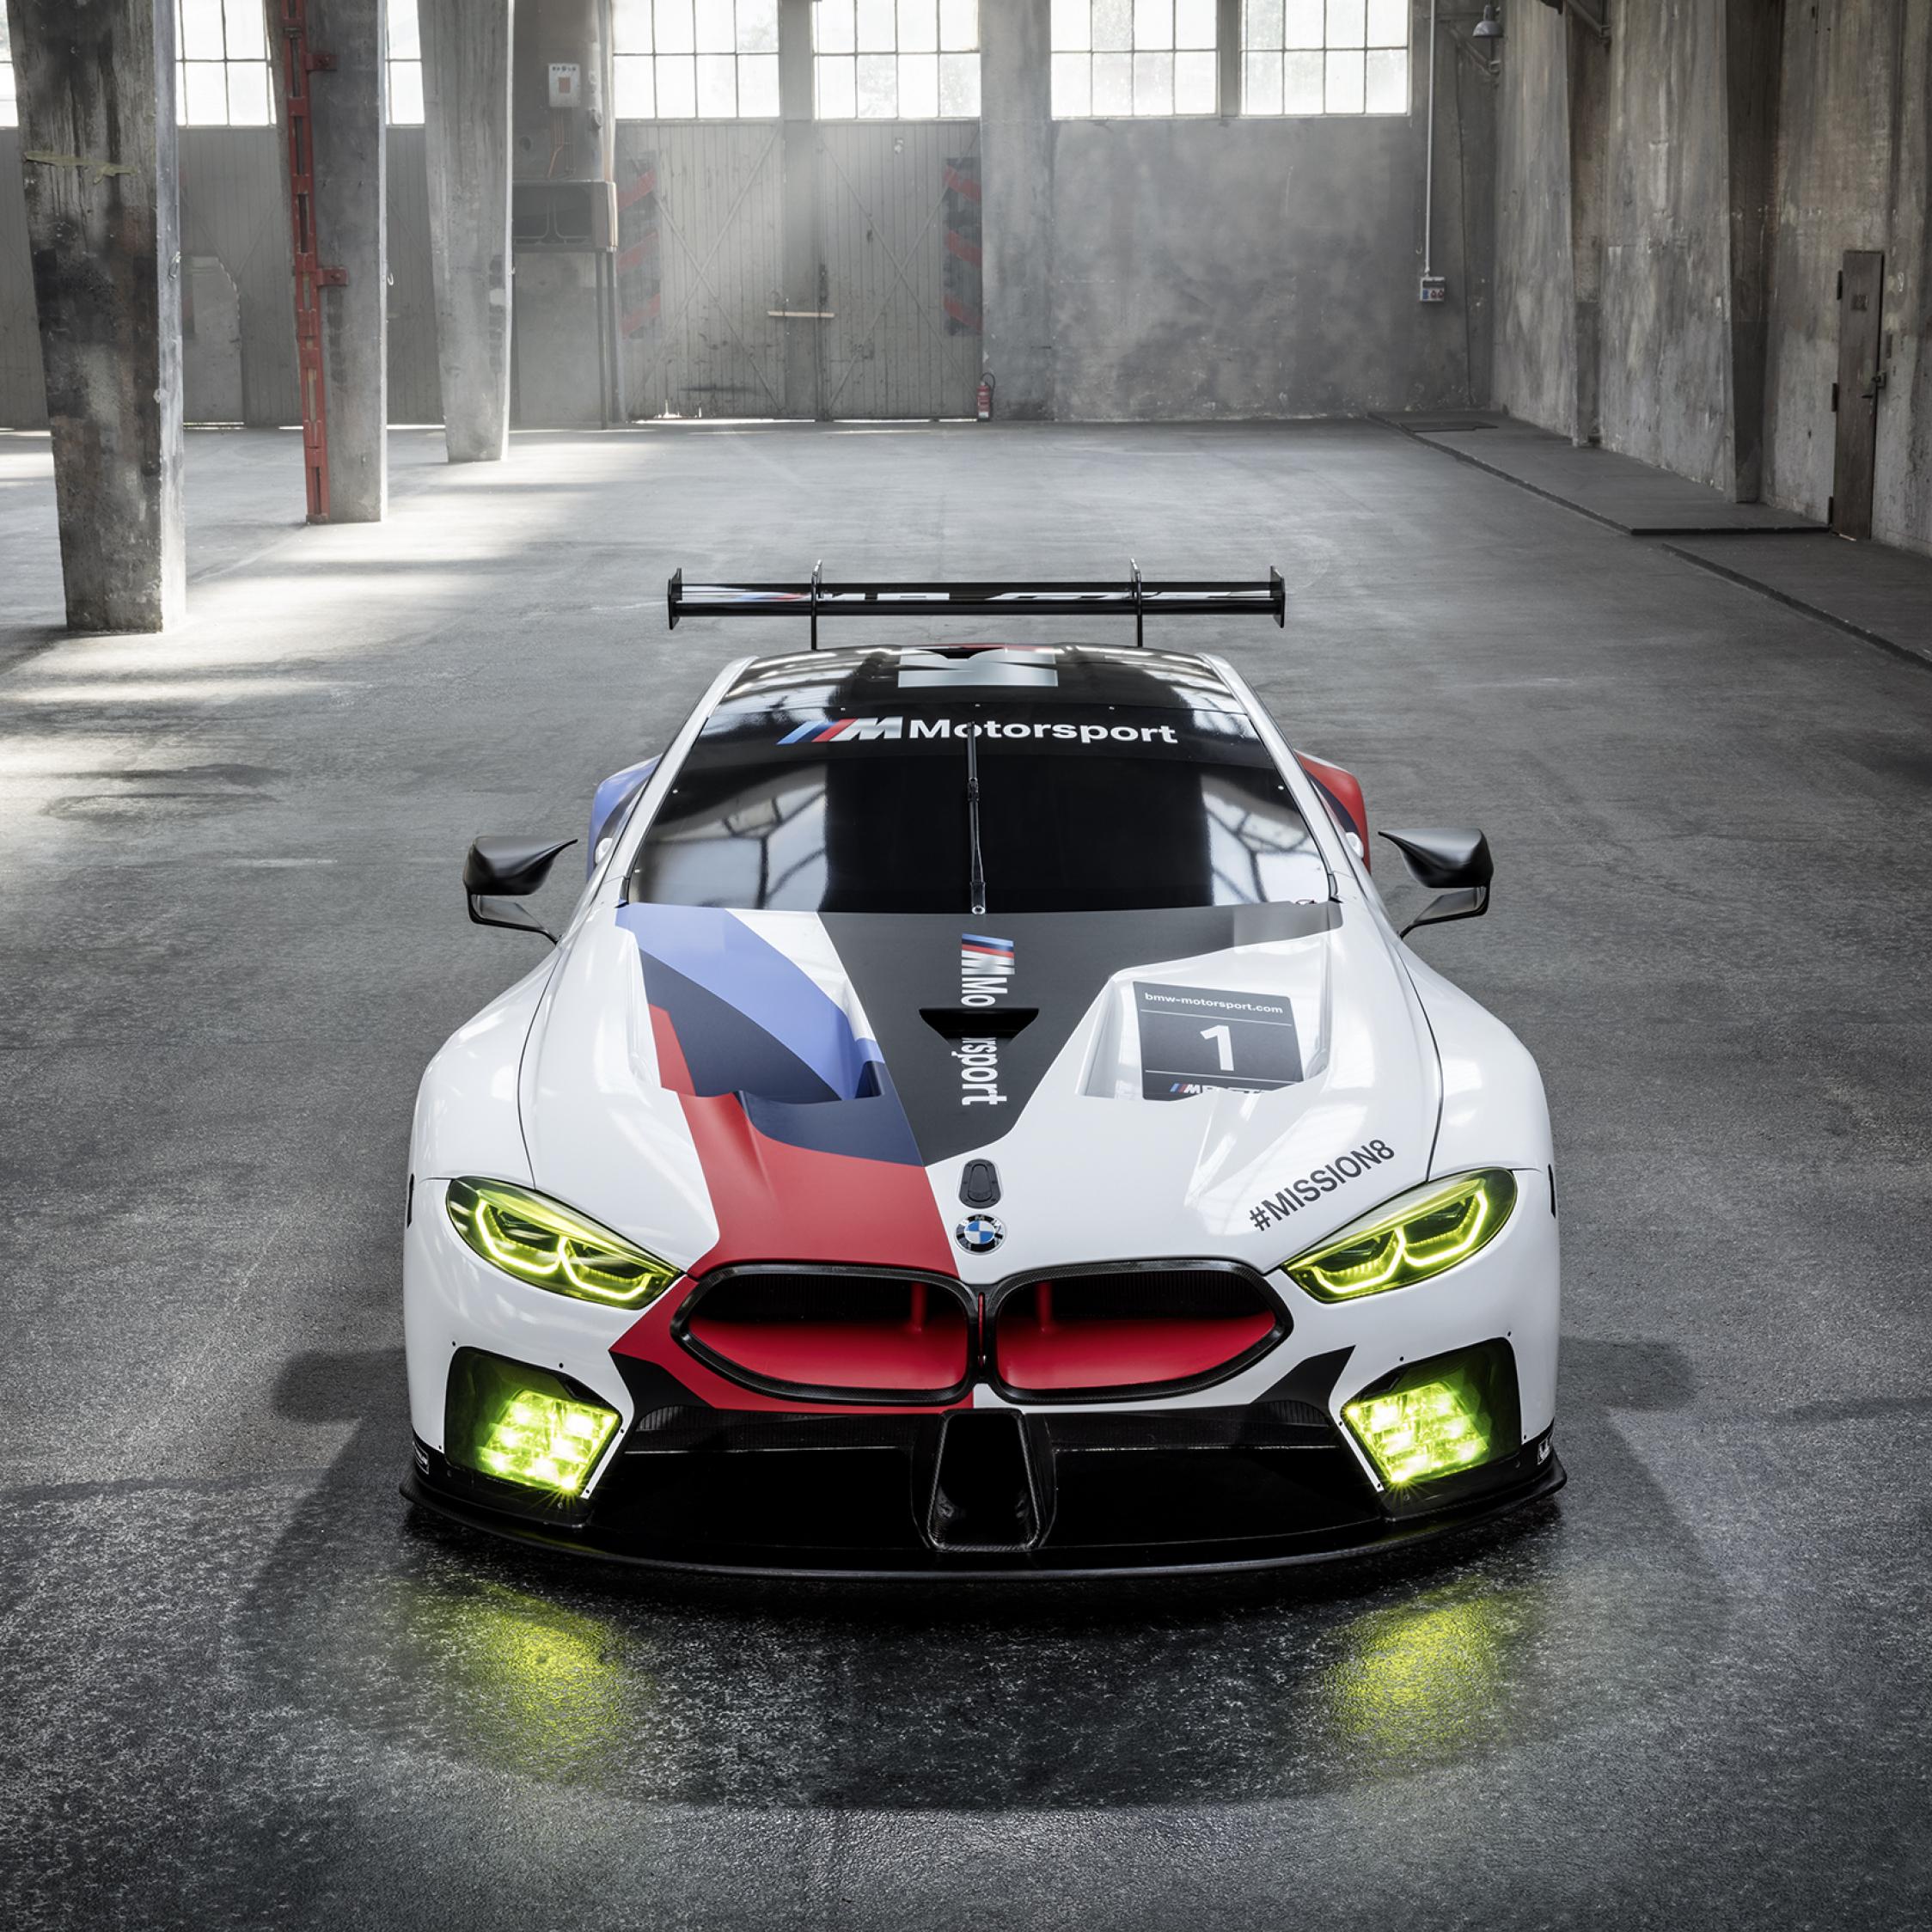 2248x2248 2018 BMW M8 GTE 2248x2248 Resolution Wallpaper ...